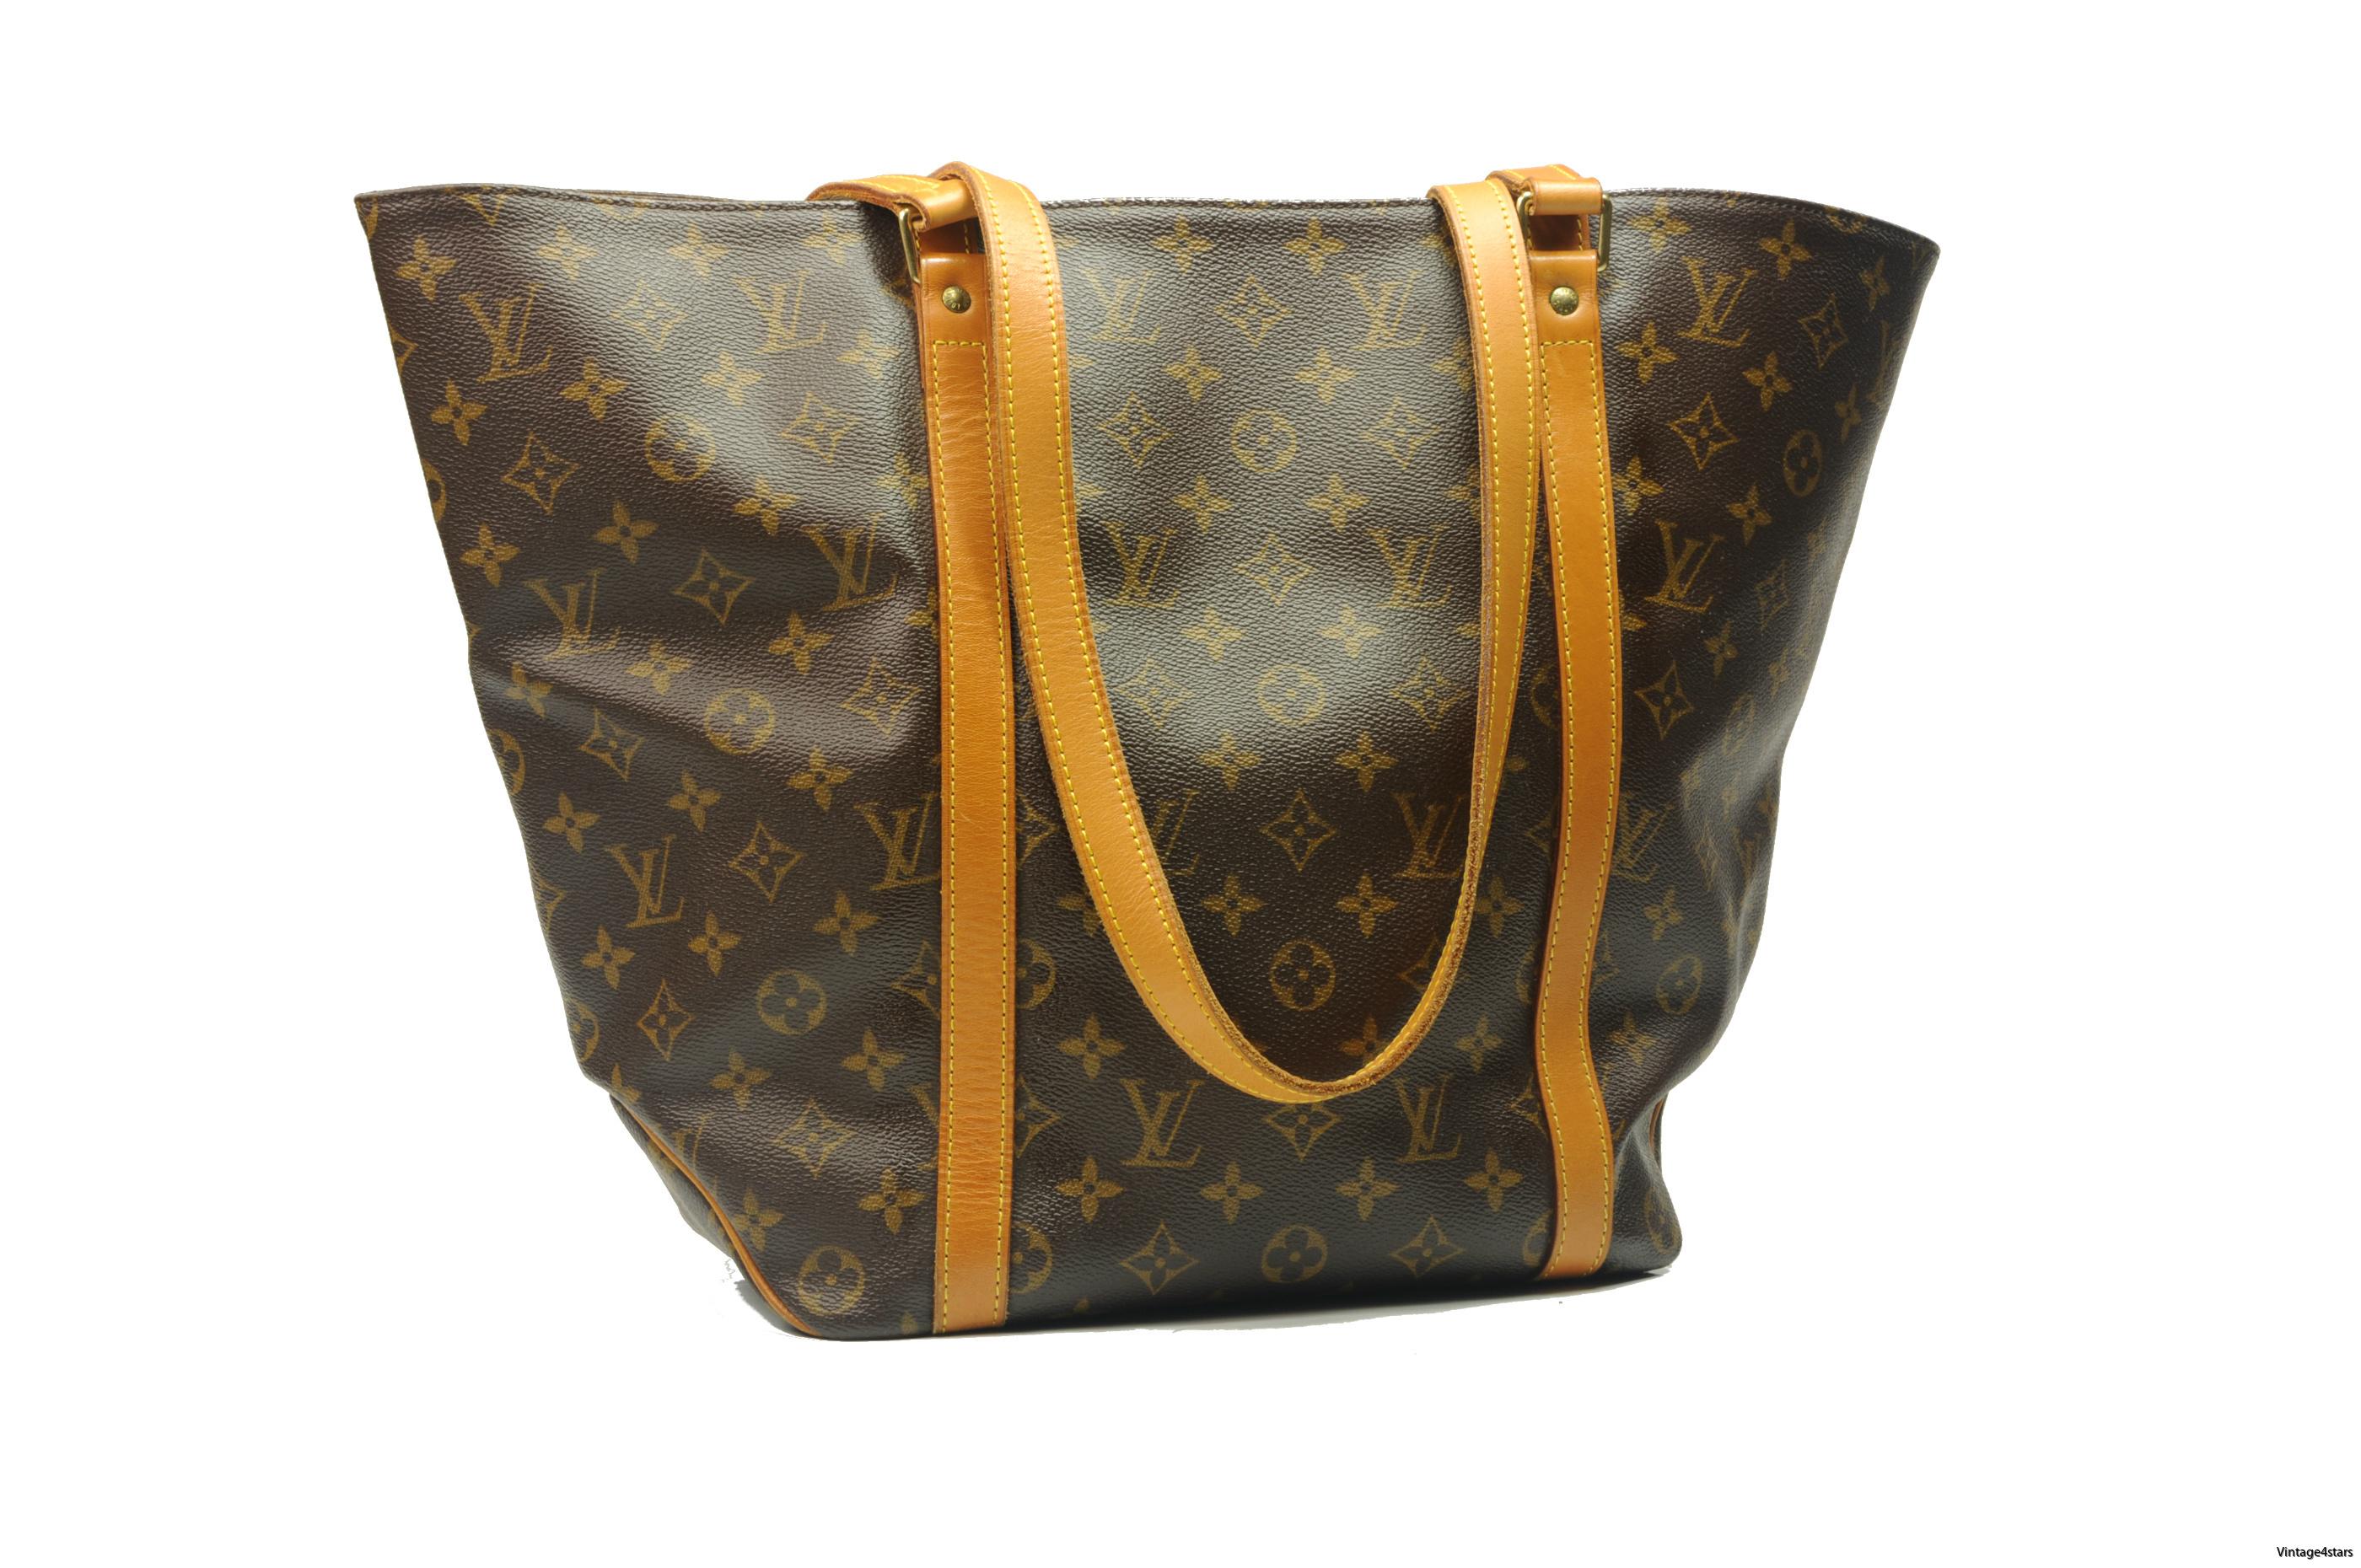 Louis Vuitton Sac Shopping 2a